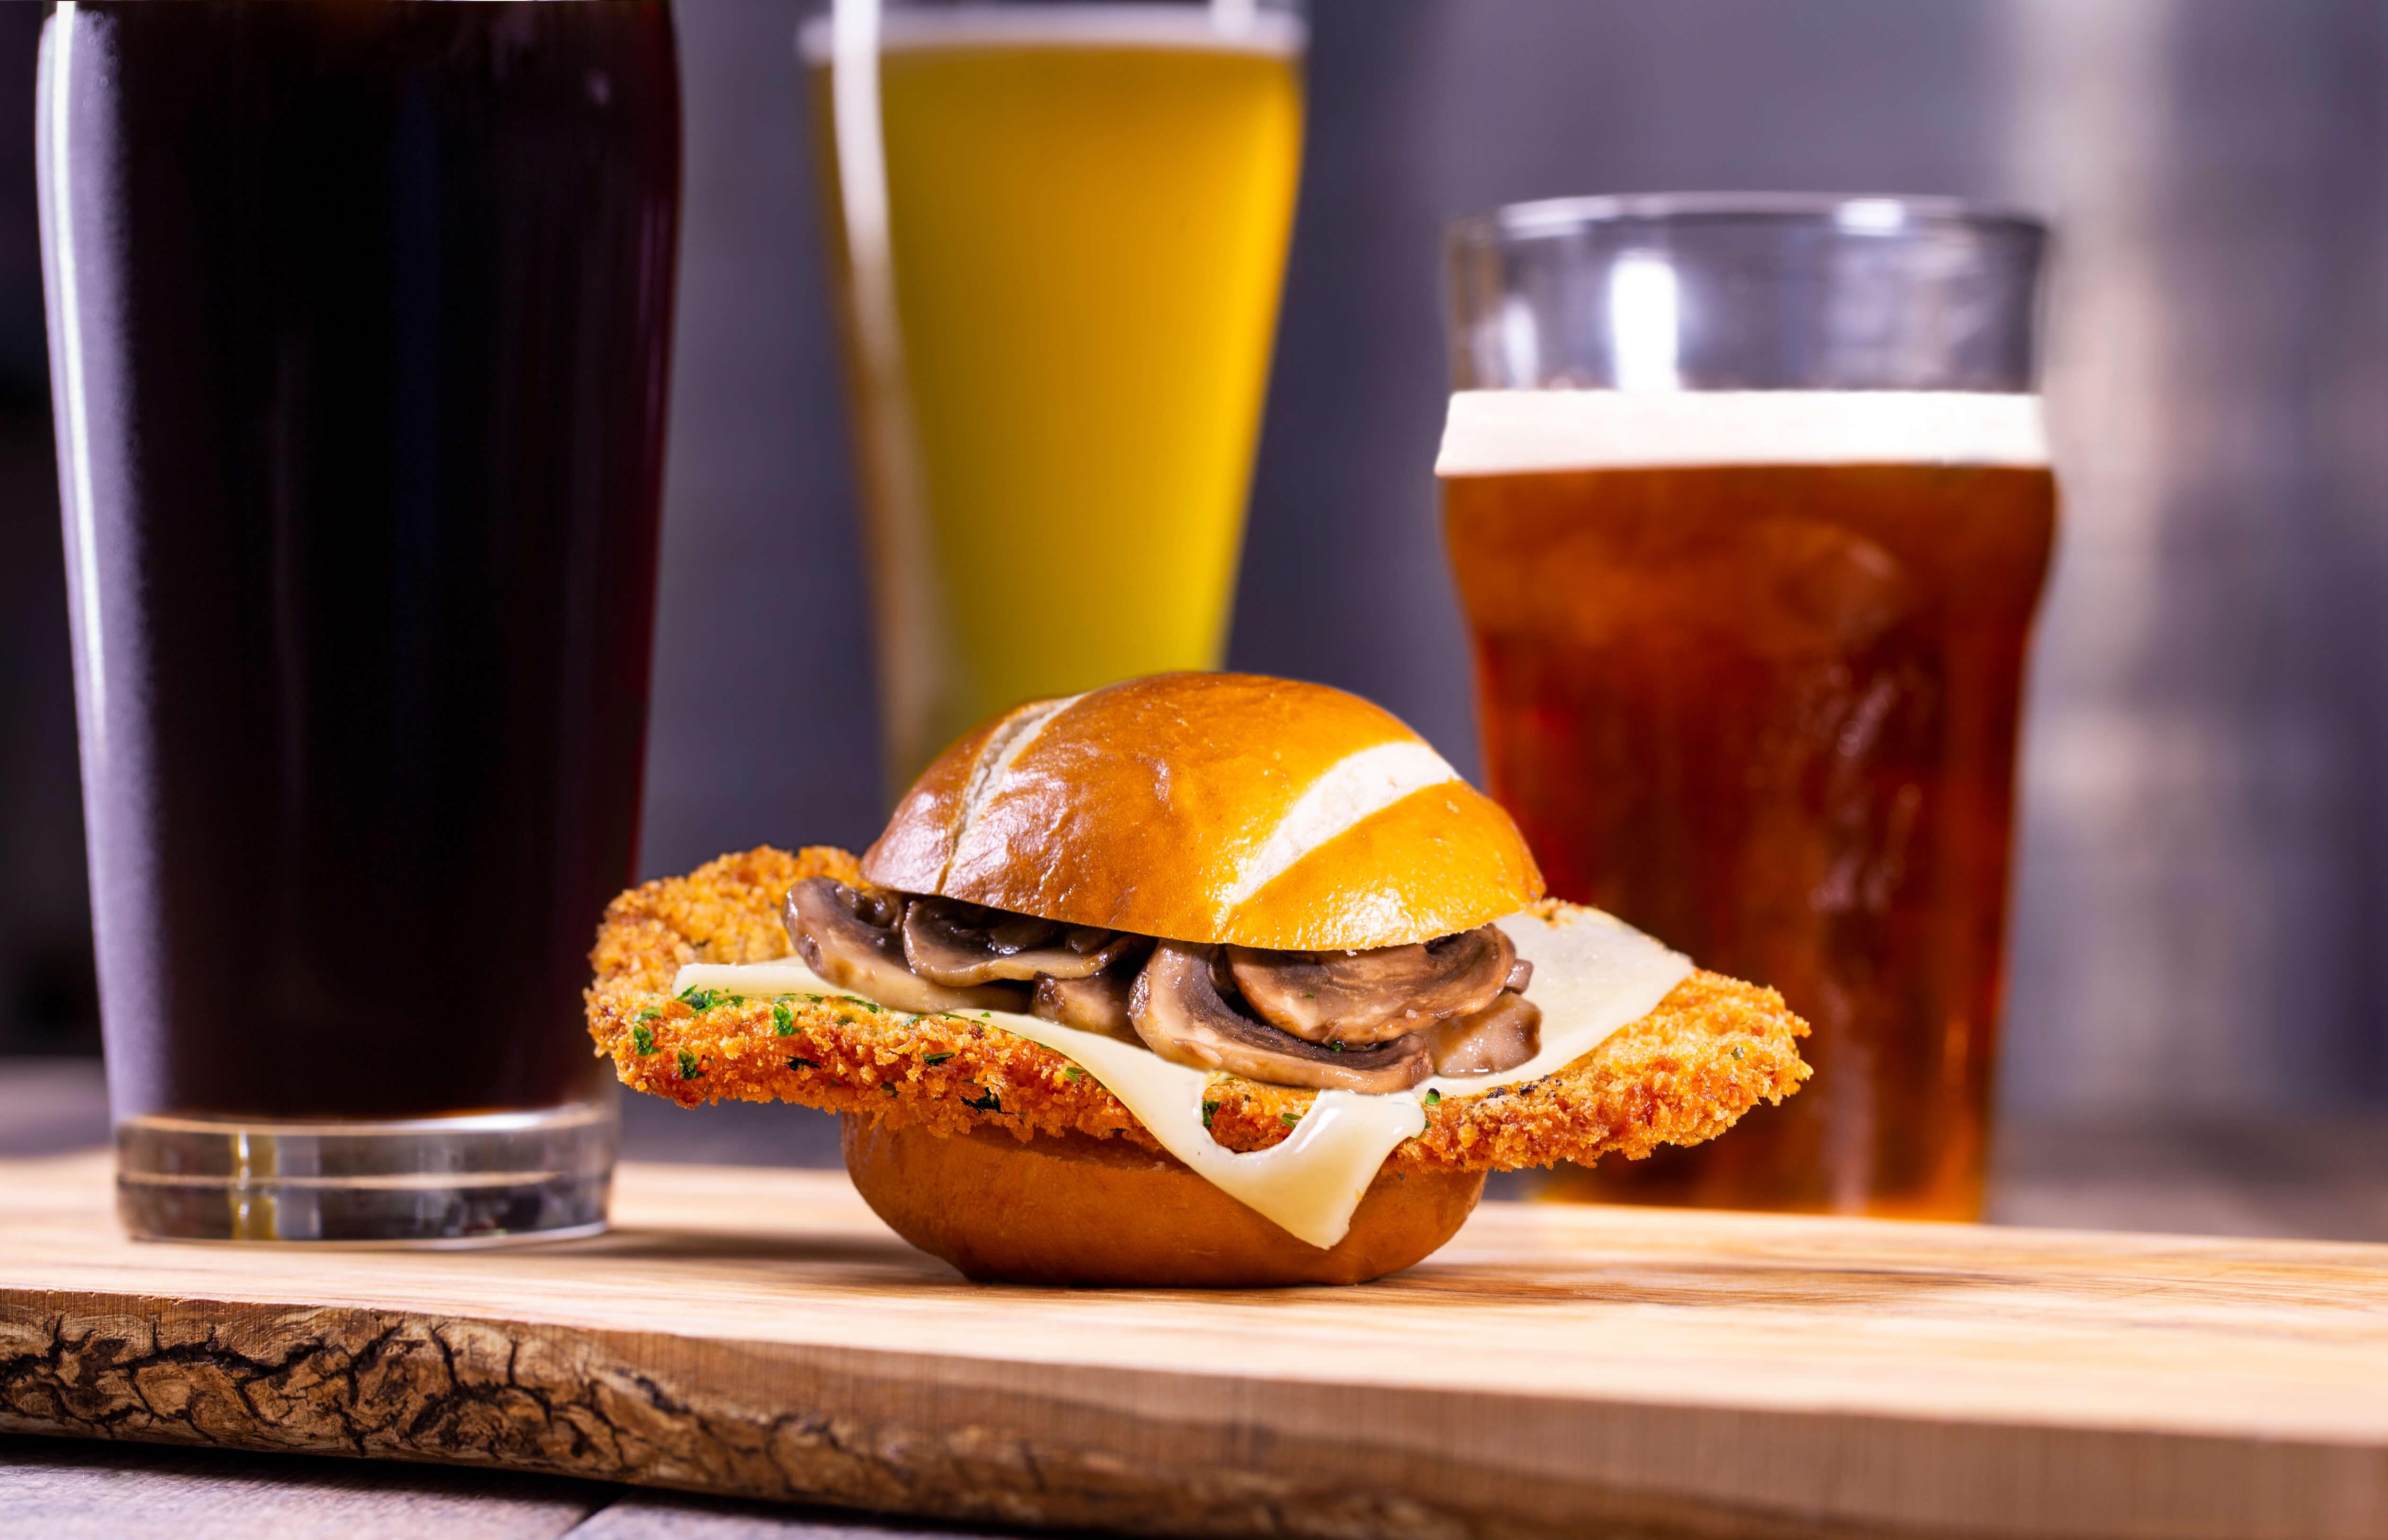 Festival Bier Fest no parque Busch Gardens: aperitivos e cervejas